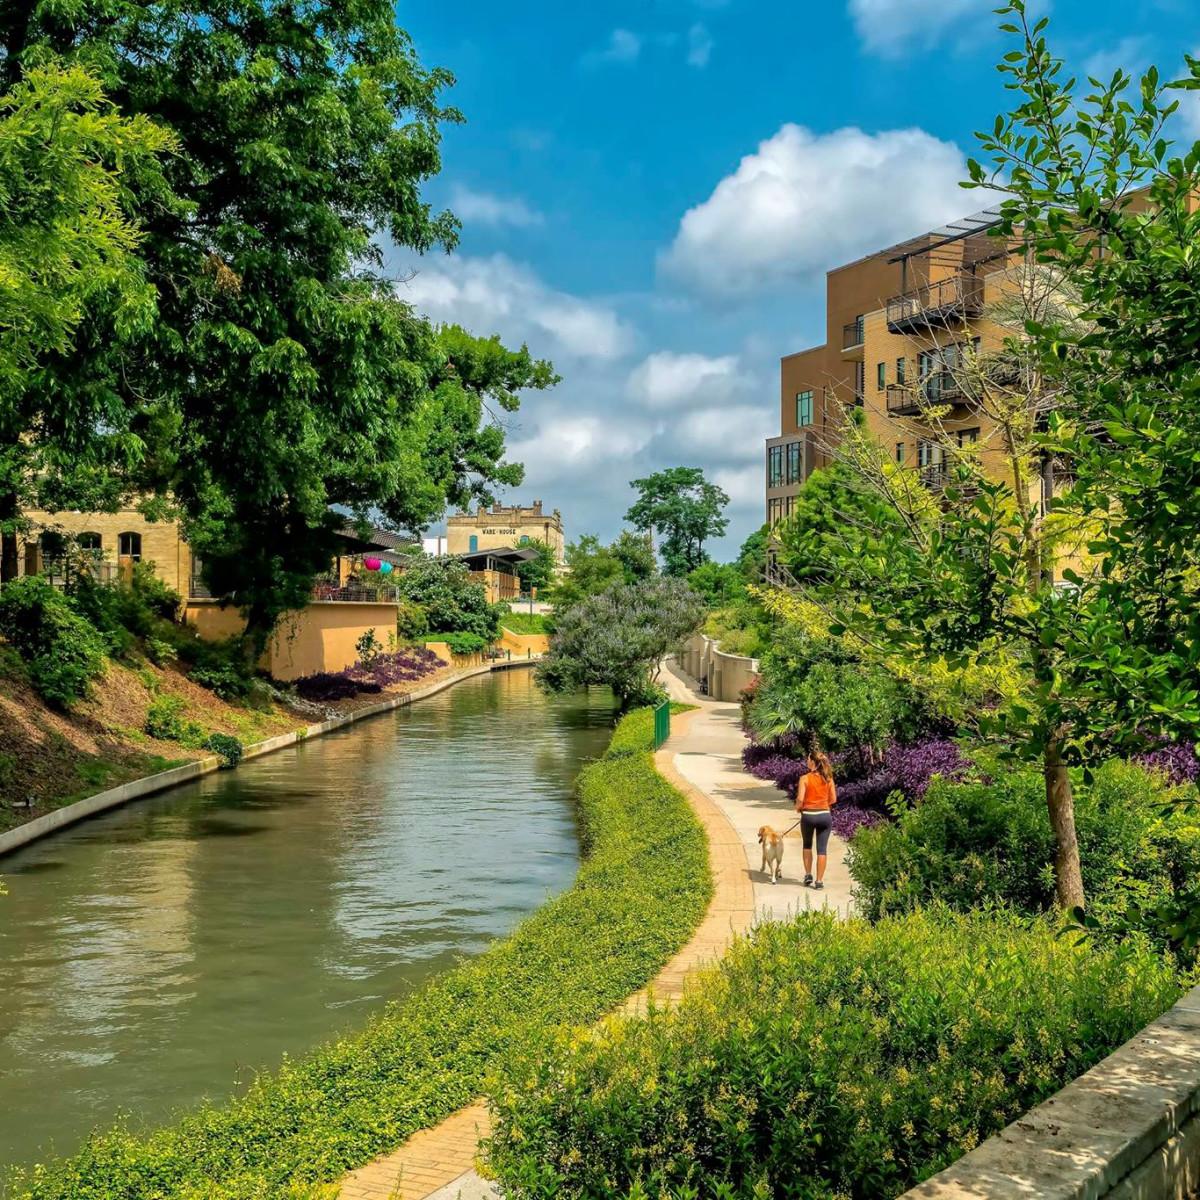 San antonio river walk tourist